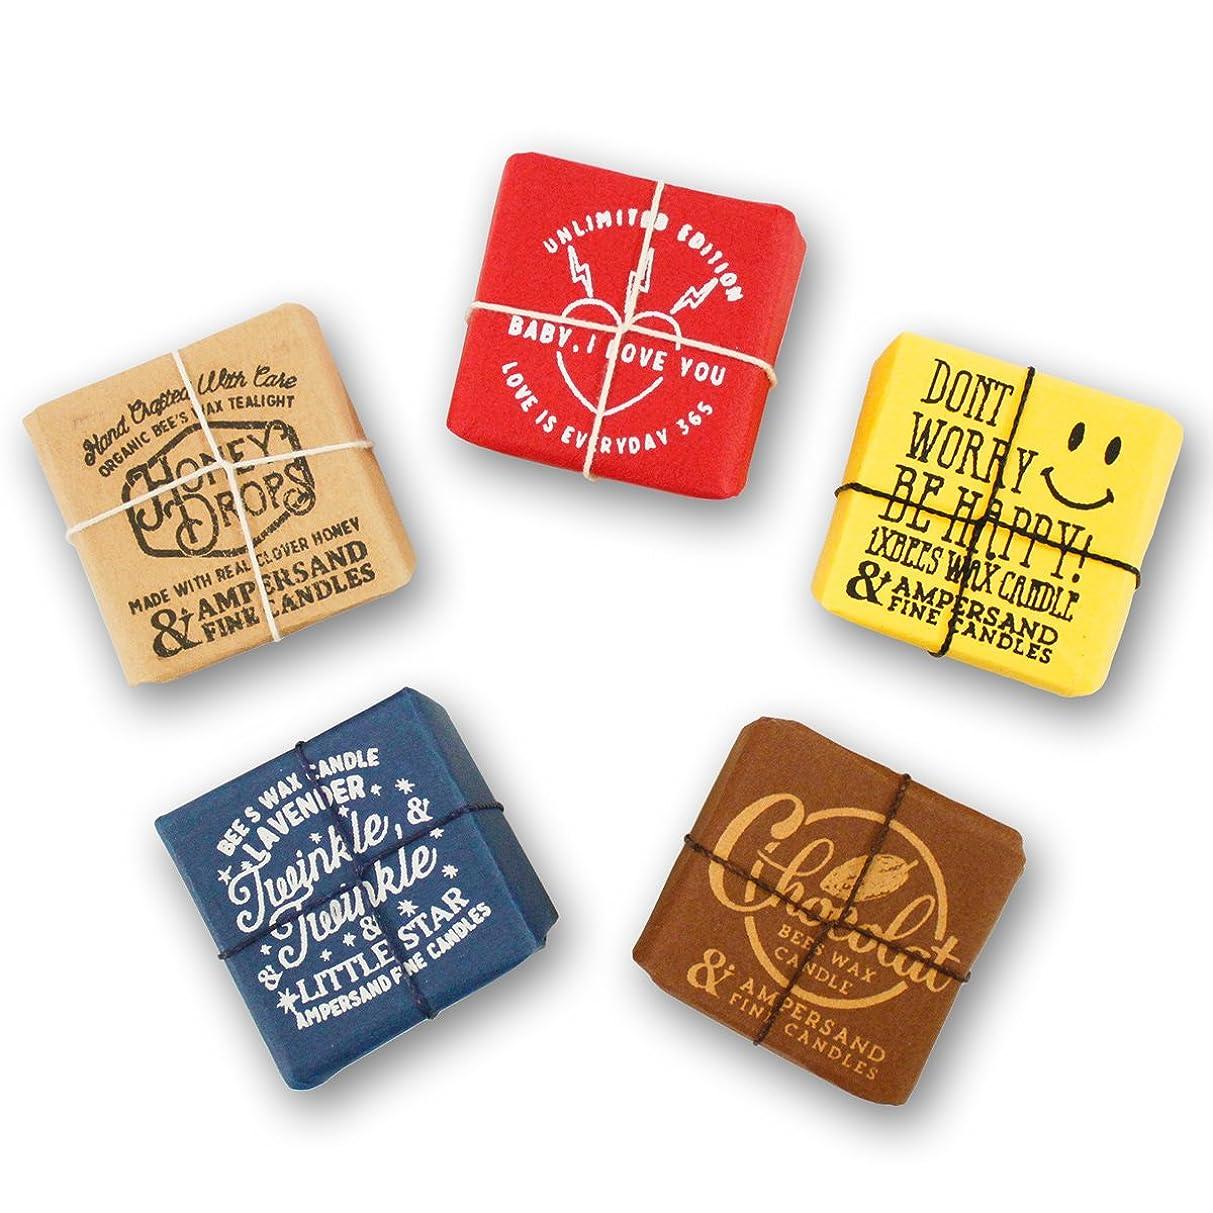 方言悩み励起Ampersand Fine Candles(アンパサンド ファイン キャンドル)キャンドル ルームフレグランス ASingle Bees [ 5type ] アロマ ギフト オーガニック OS,Chocolate